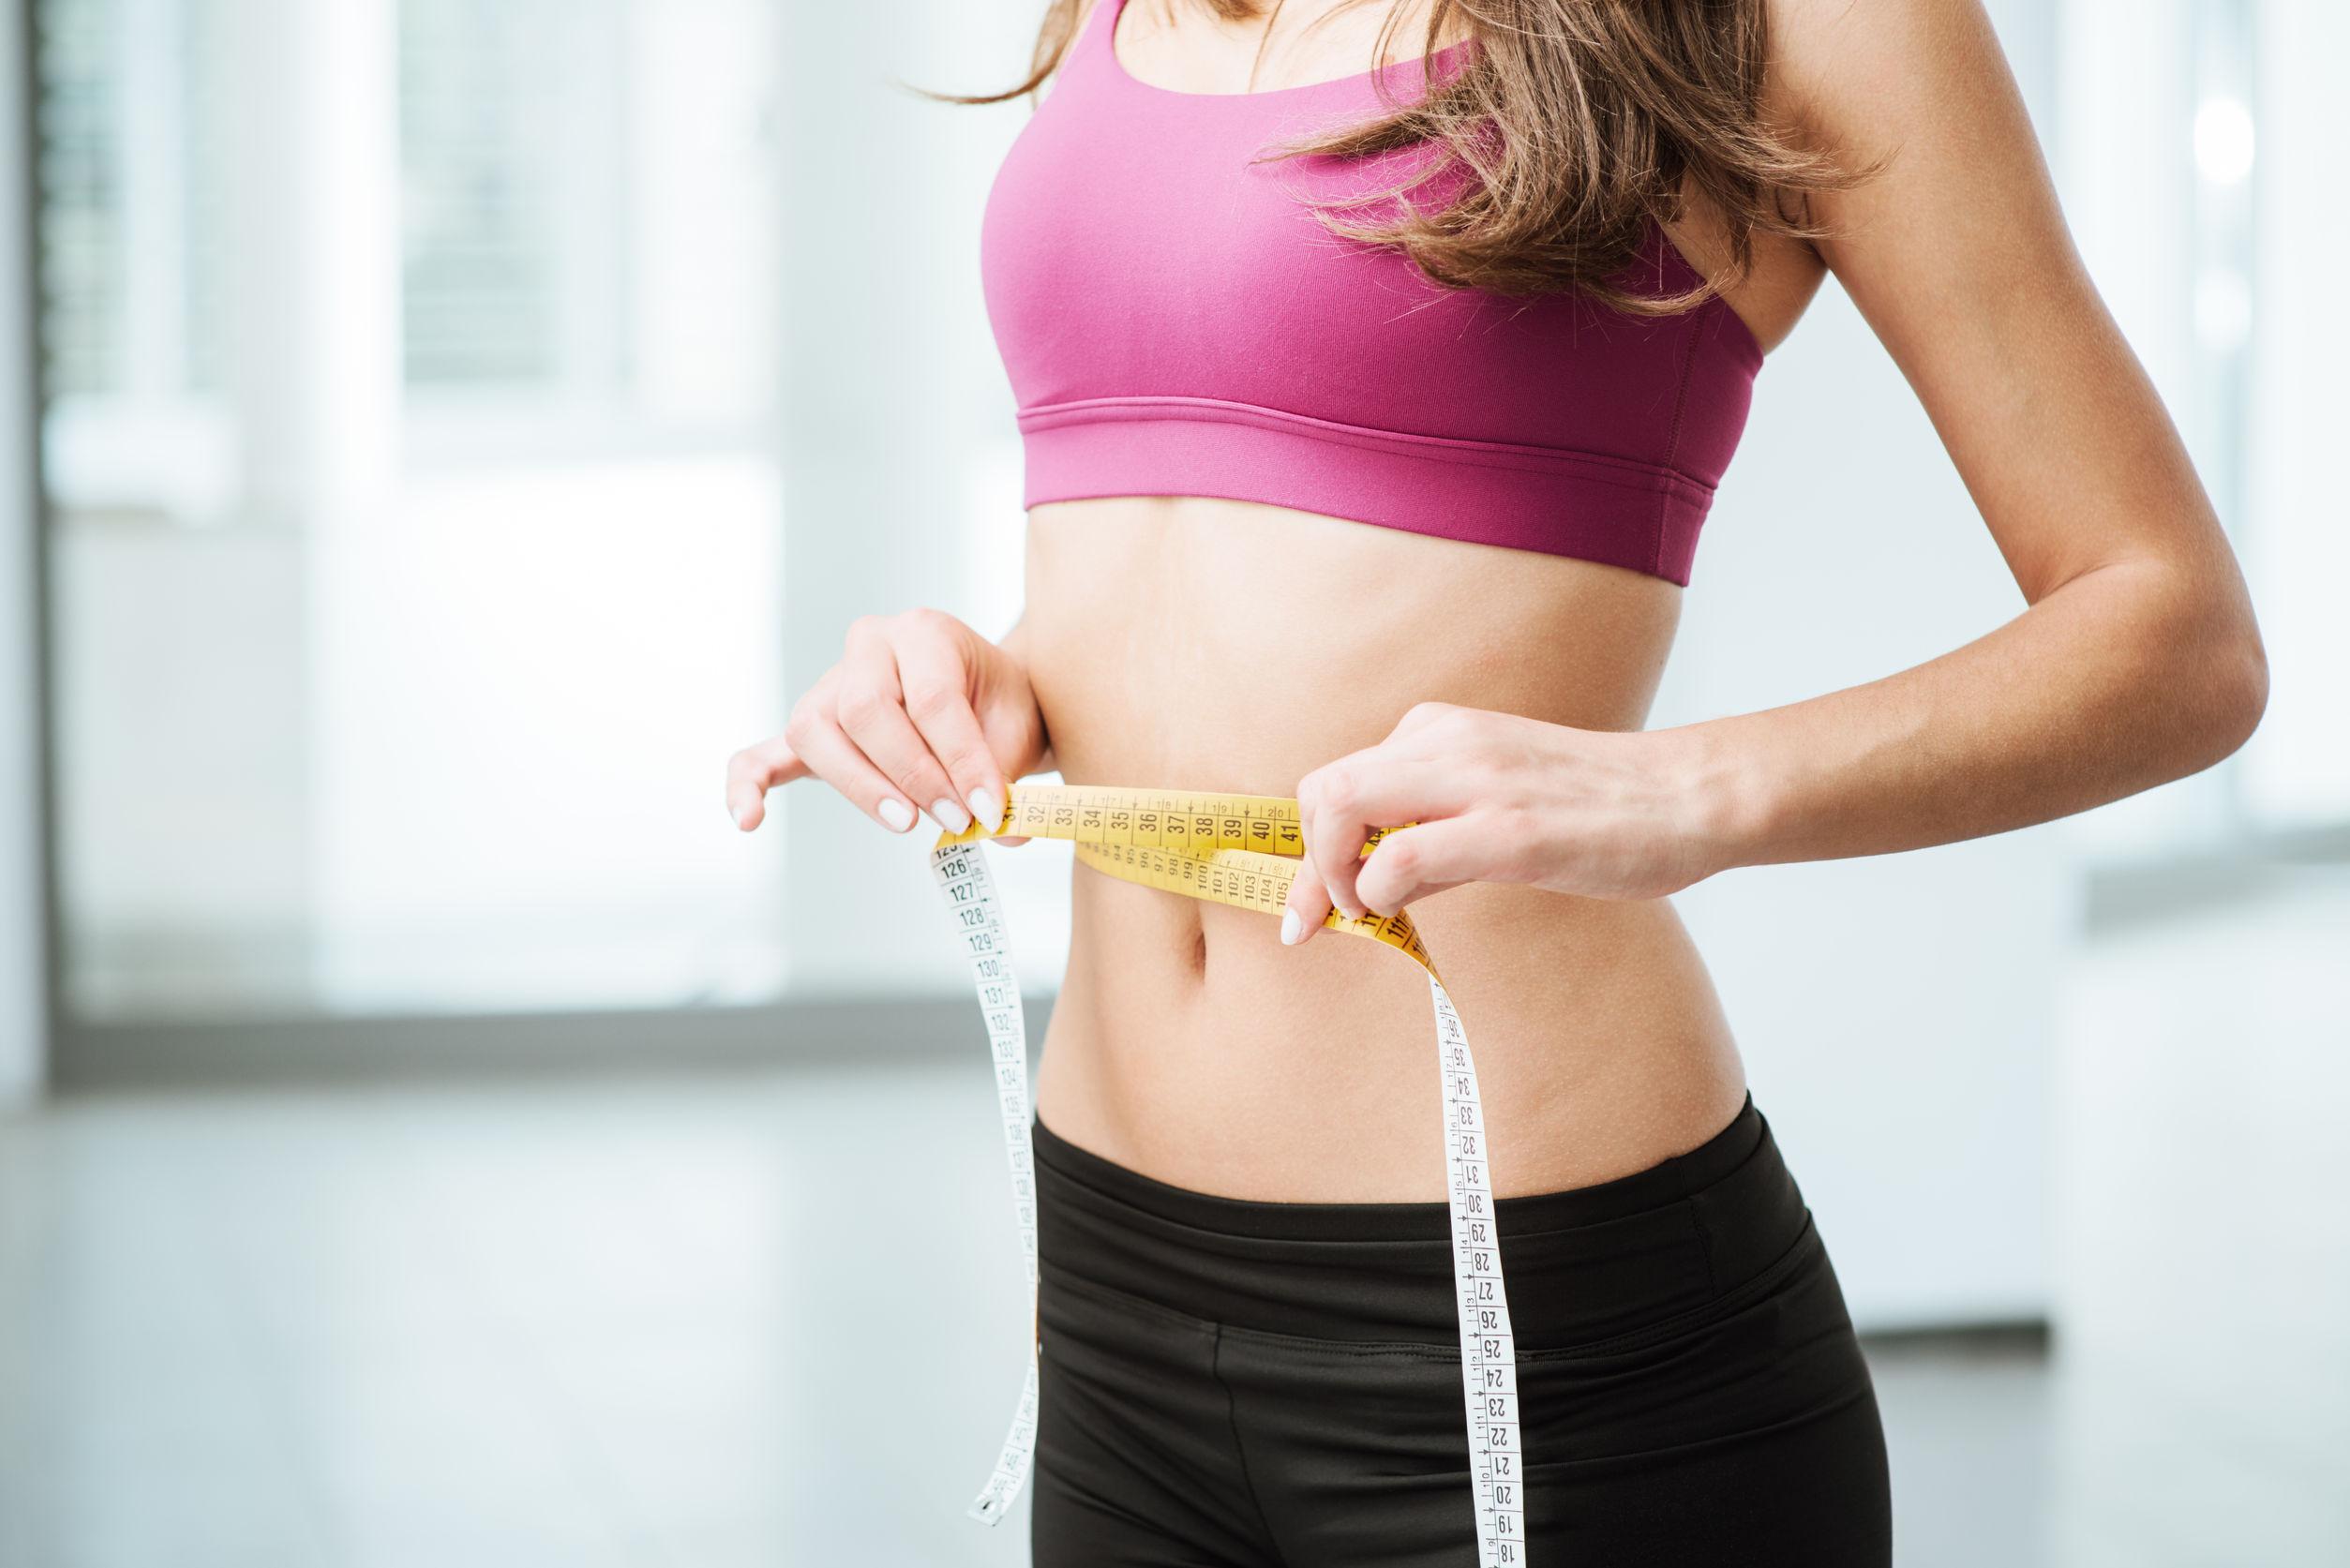 Imagem de uma mulher medindo a cintura.